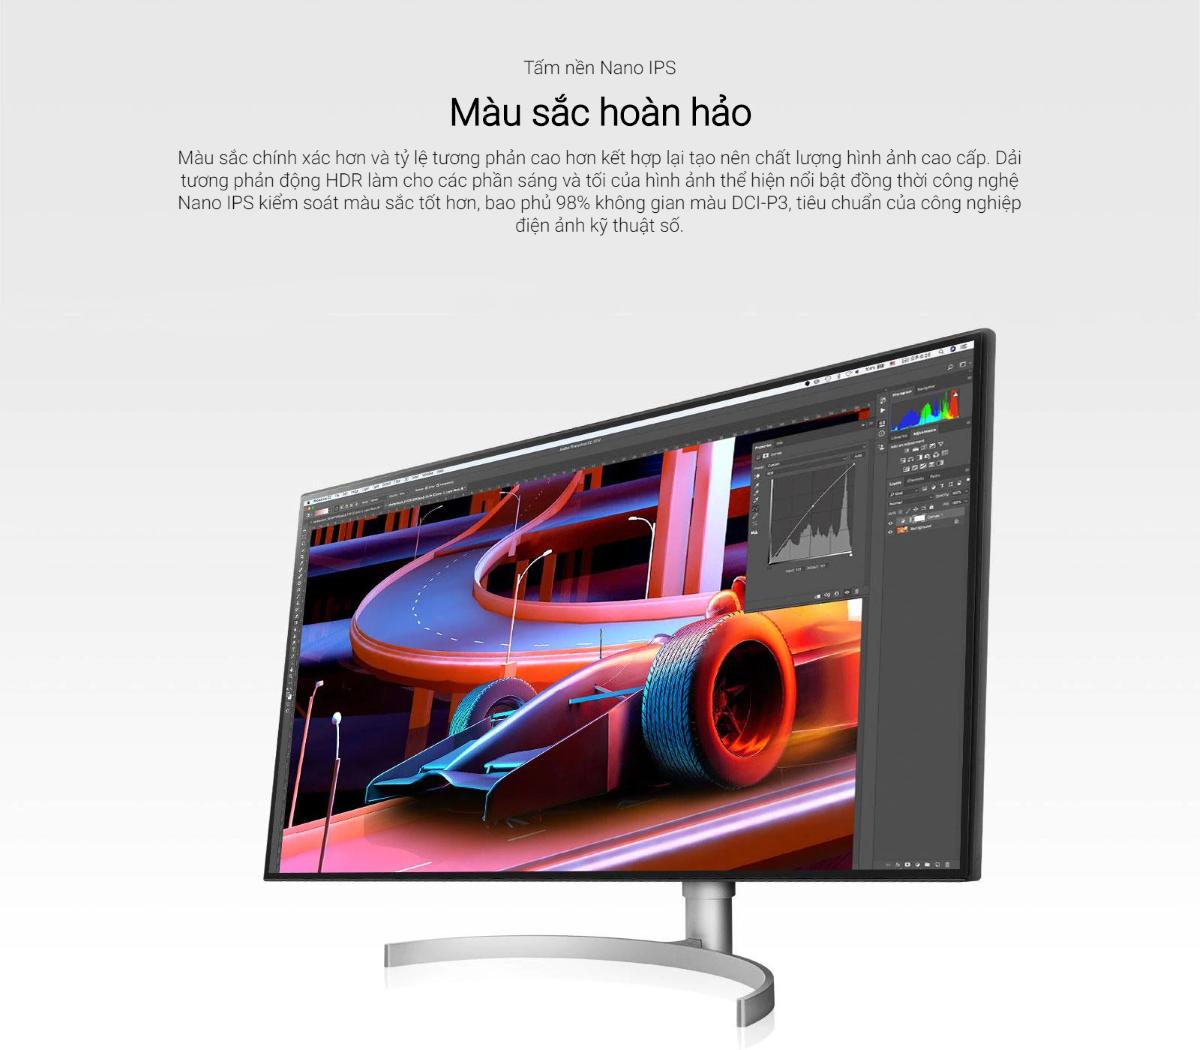 Màn hình LG 32UL950-W nano ips